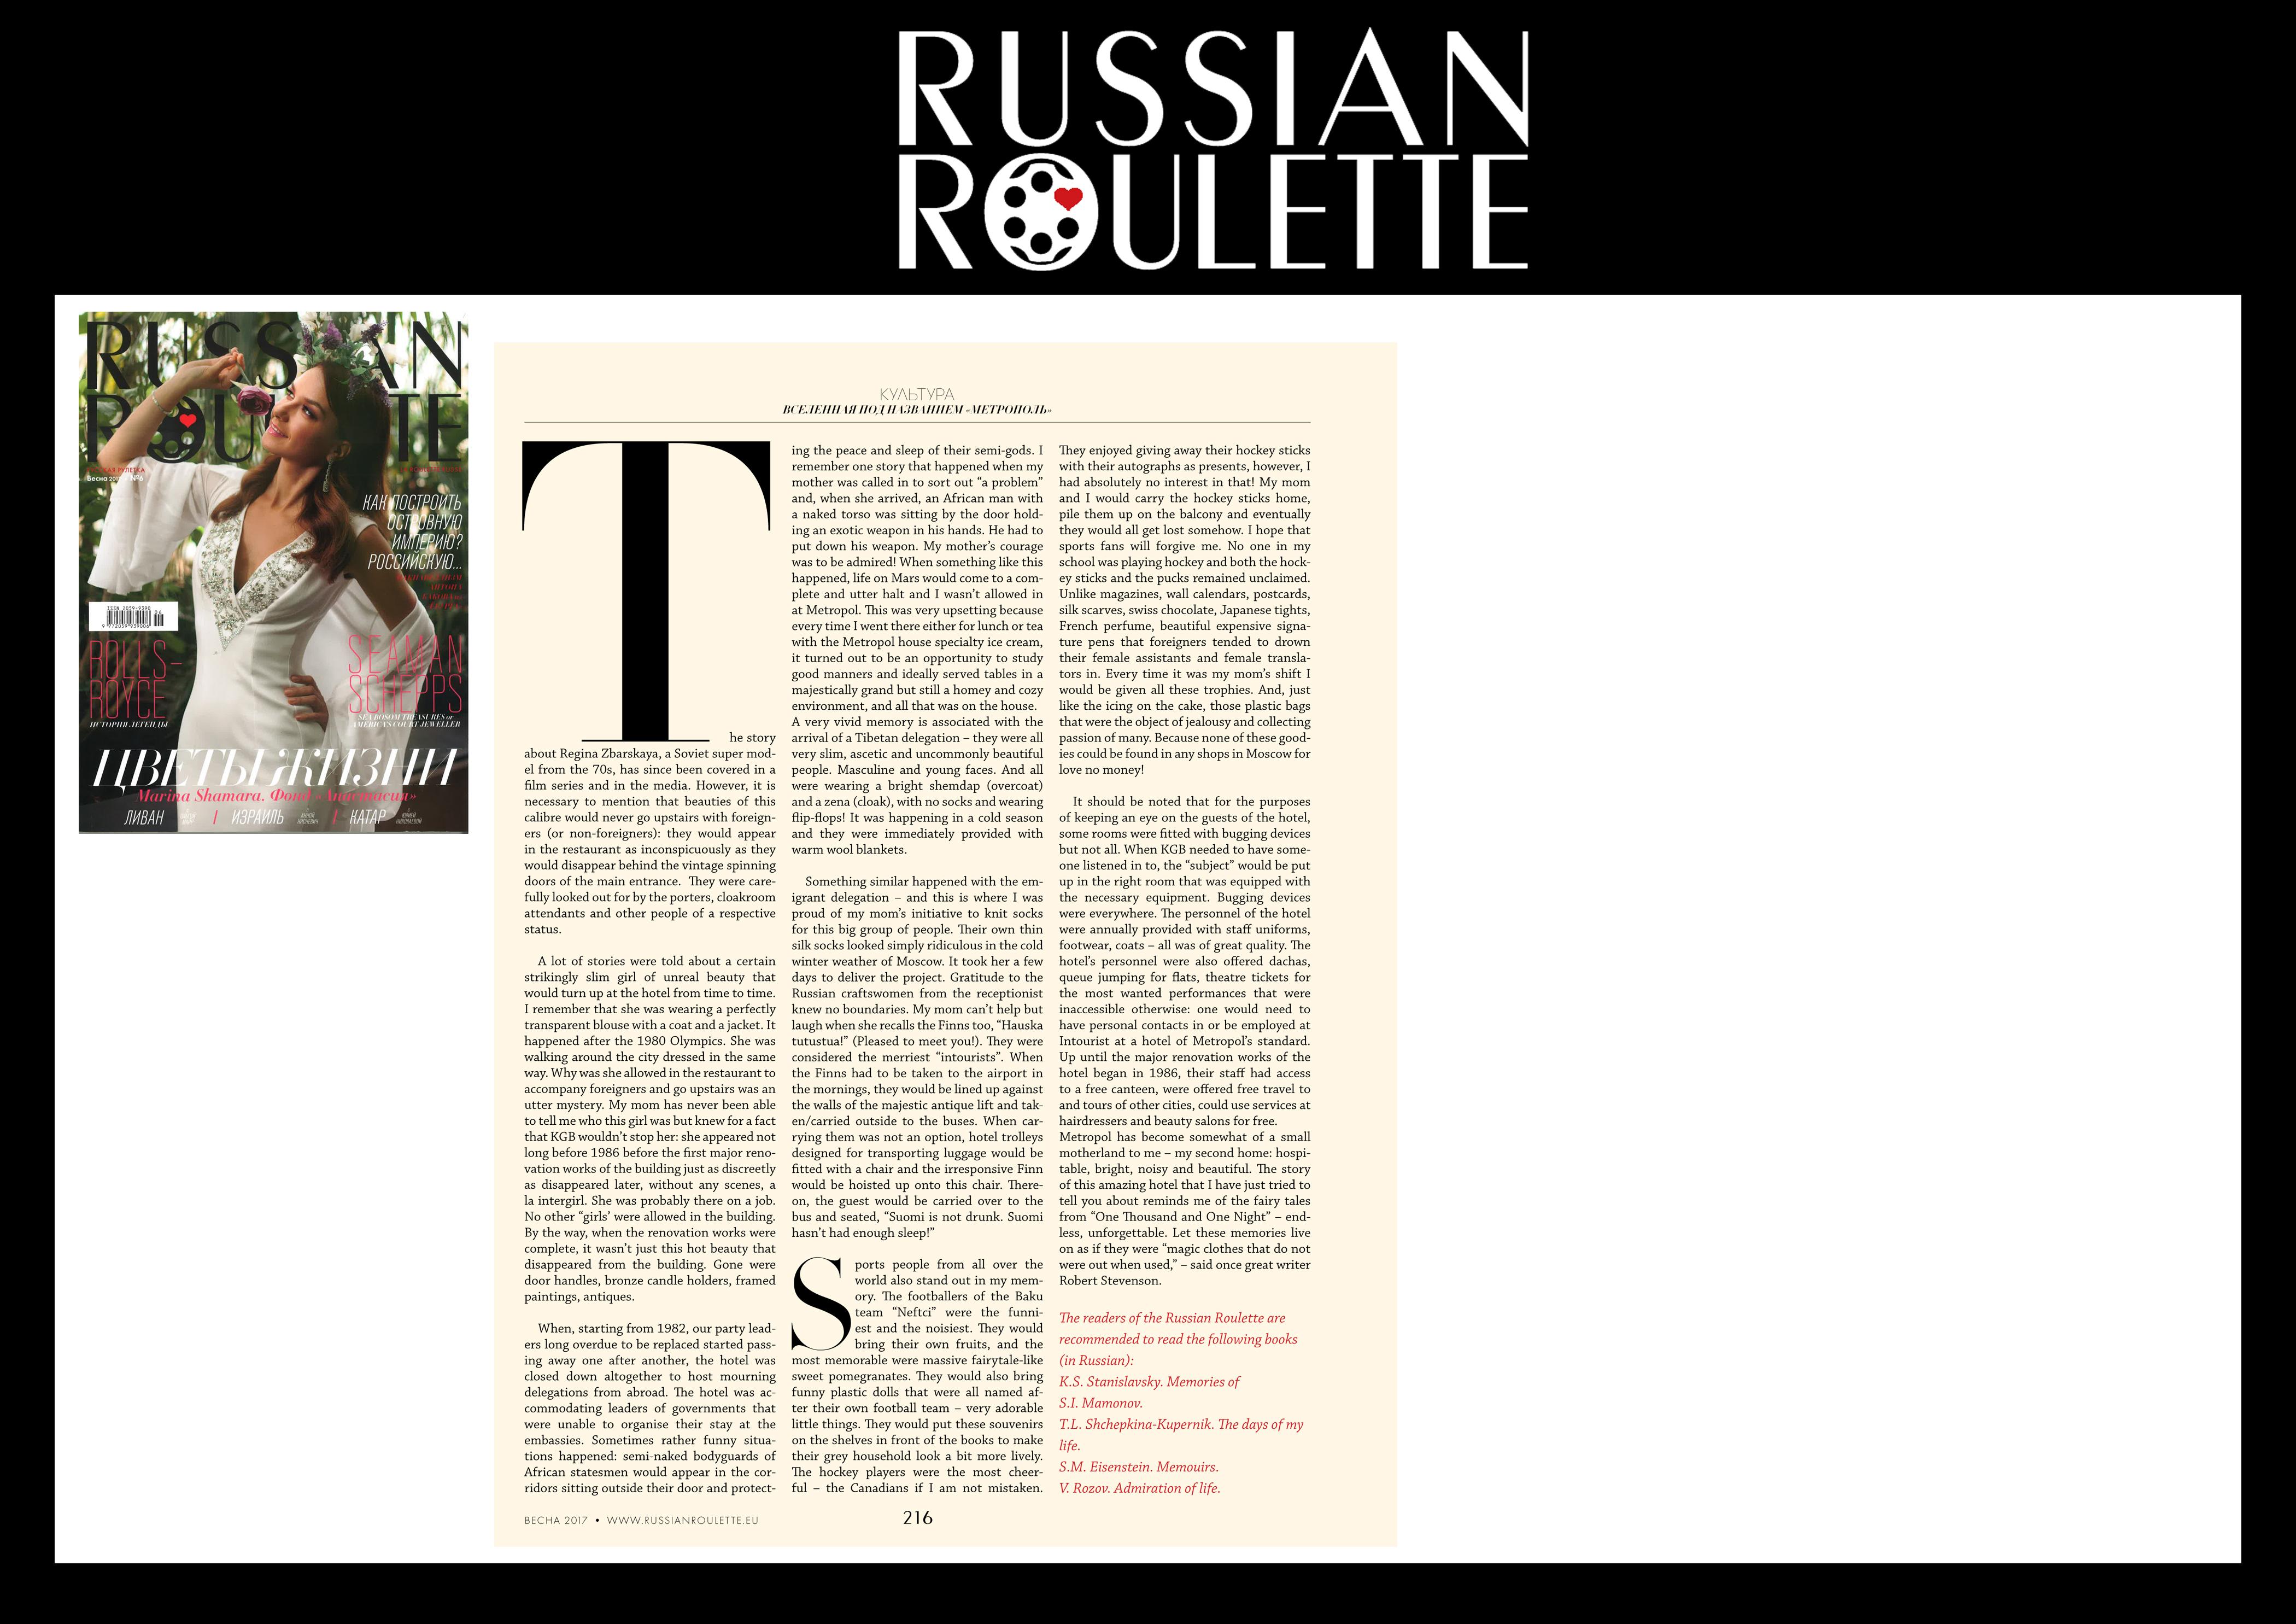 RUSSIAN ROULETTE METROPOLE 3-6